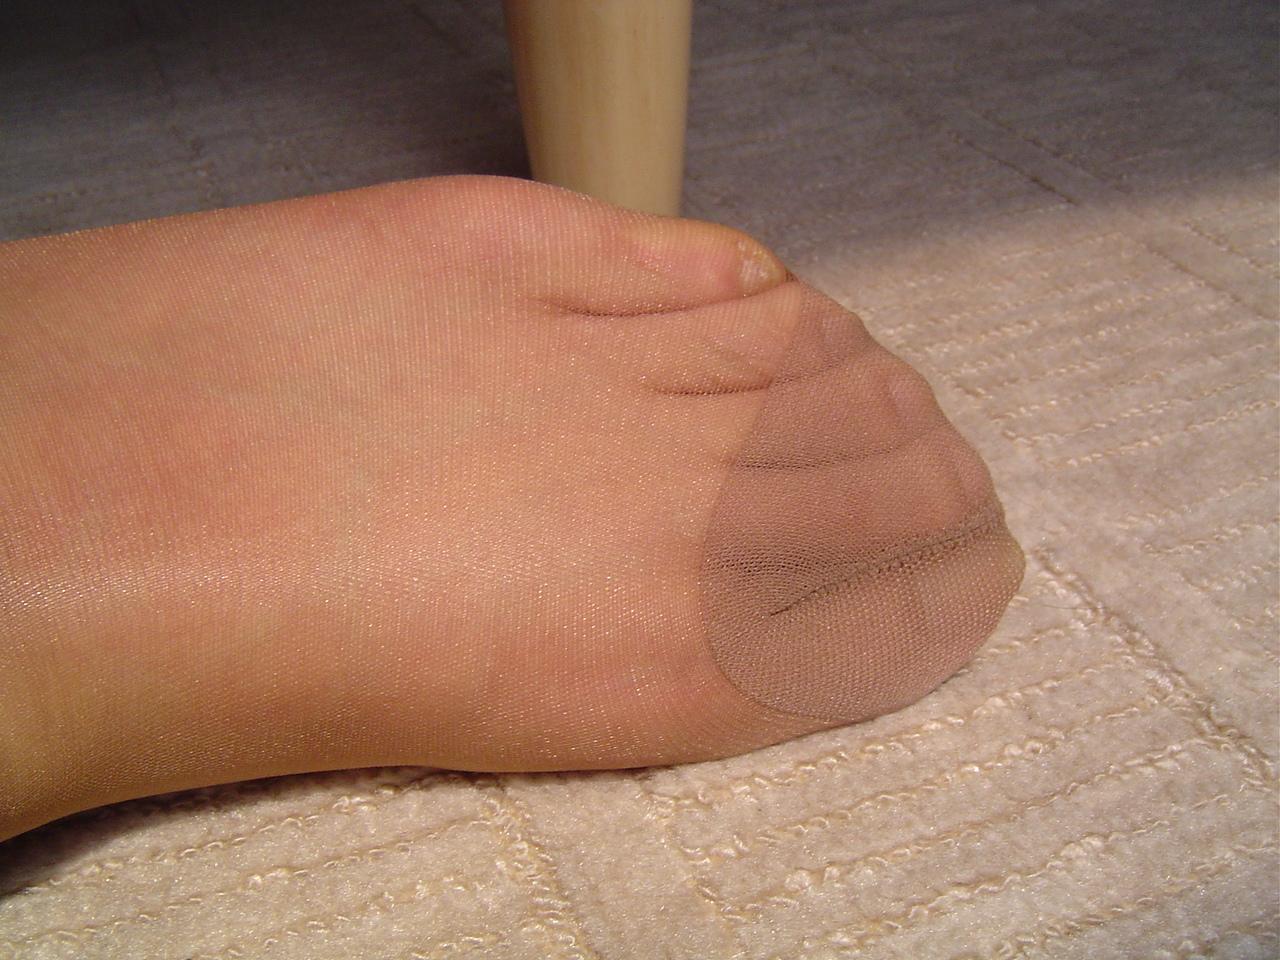 美脚OLがパンストで圧迫された足裏を伸ばすエロ画像3枚目